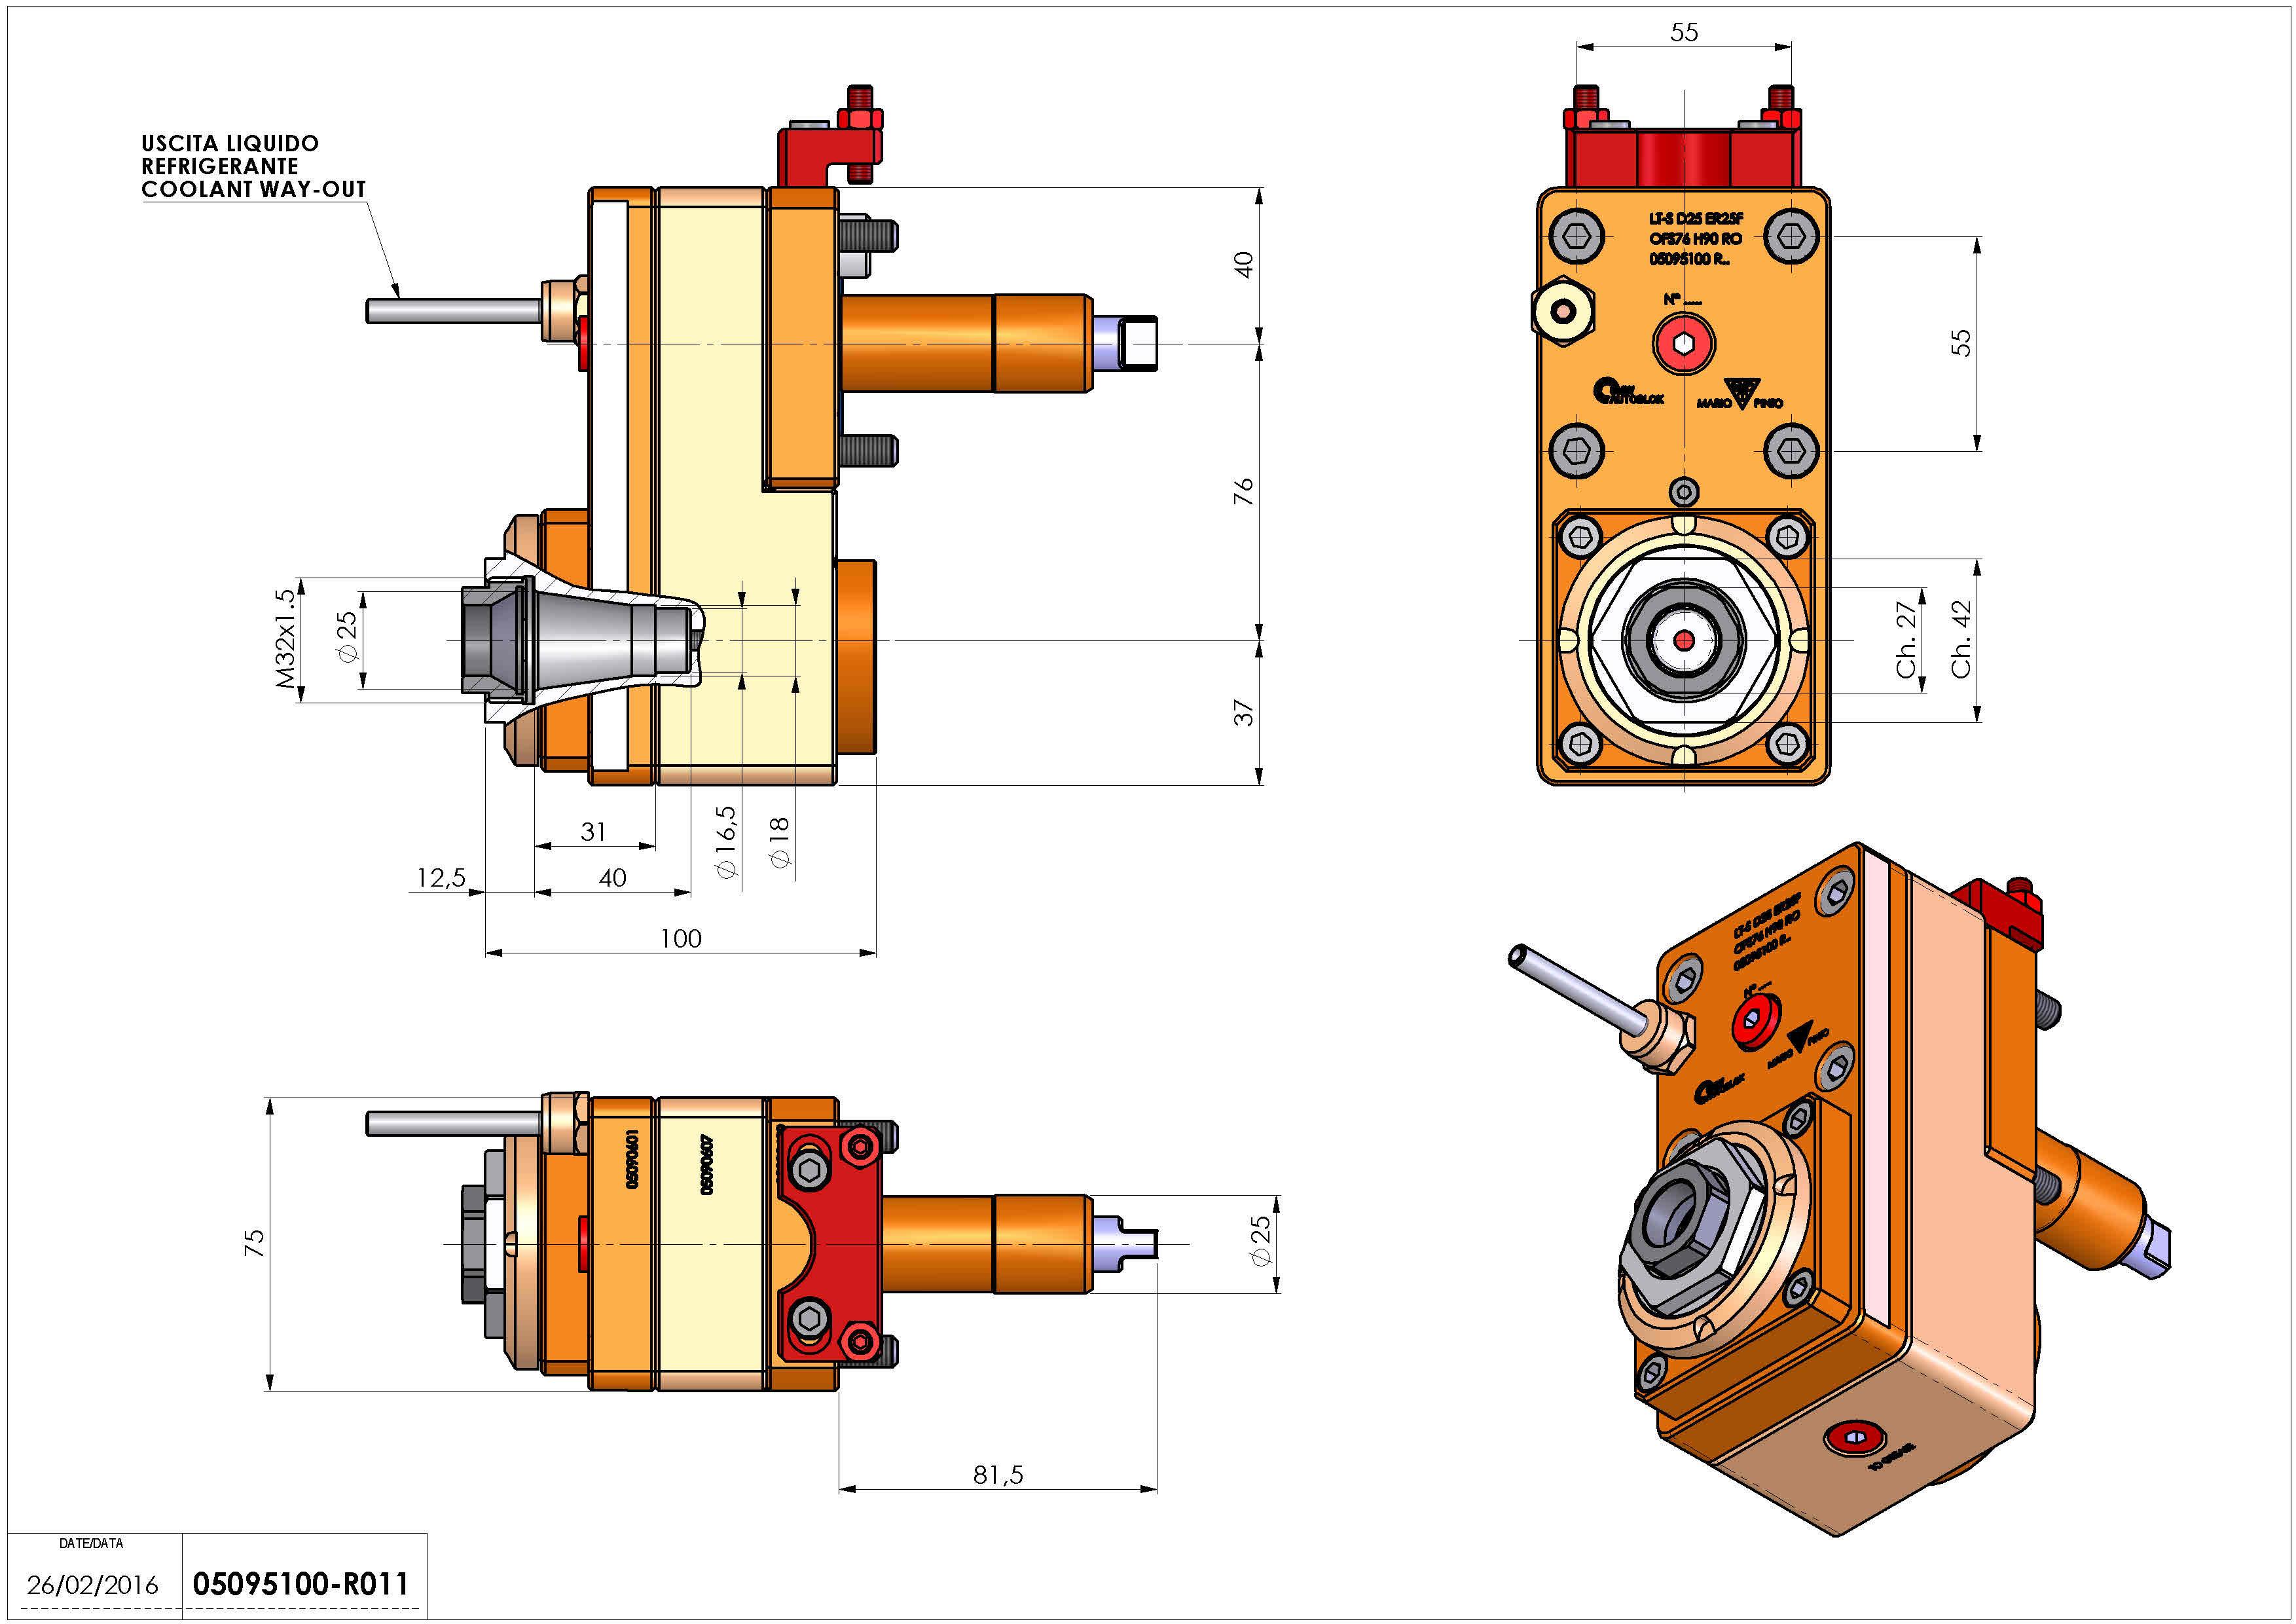 Technical image - LT-S D25 ER25F OFS76 H90 RO.